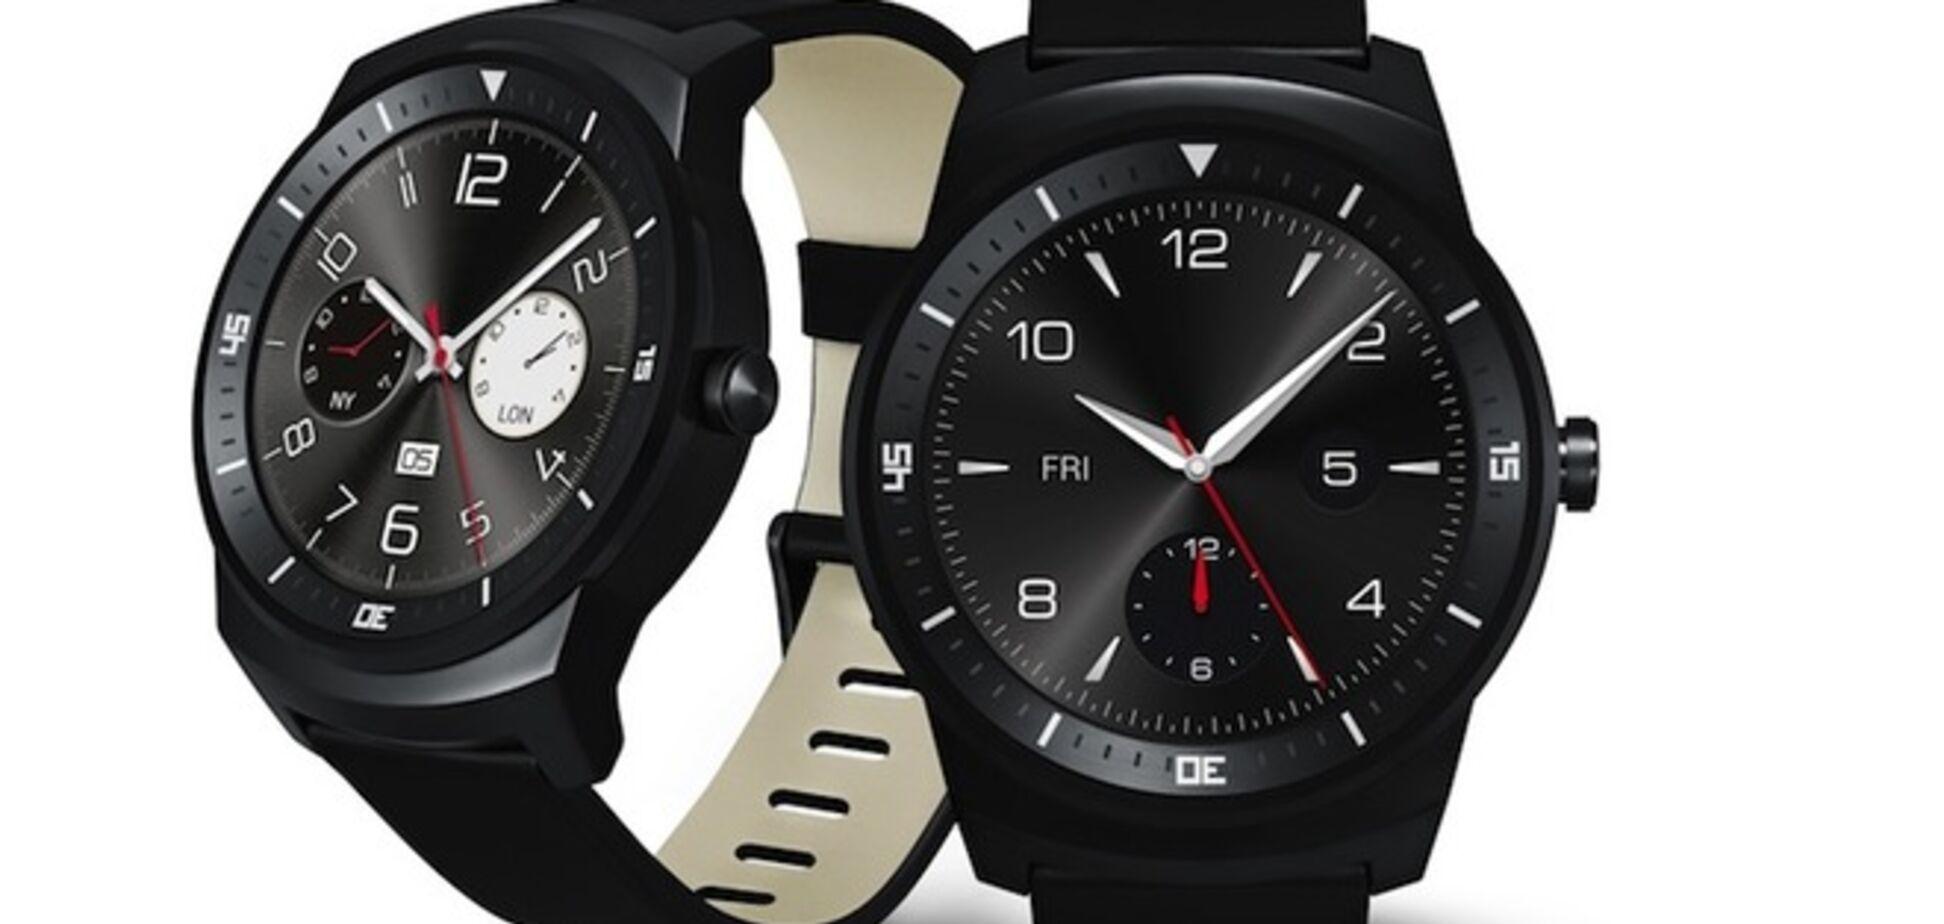 LG презентовала 'умные' часы с круглым дисплеем